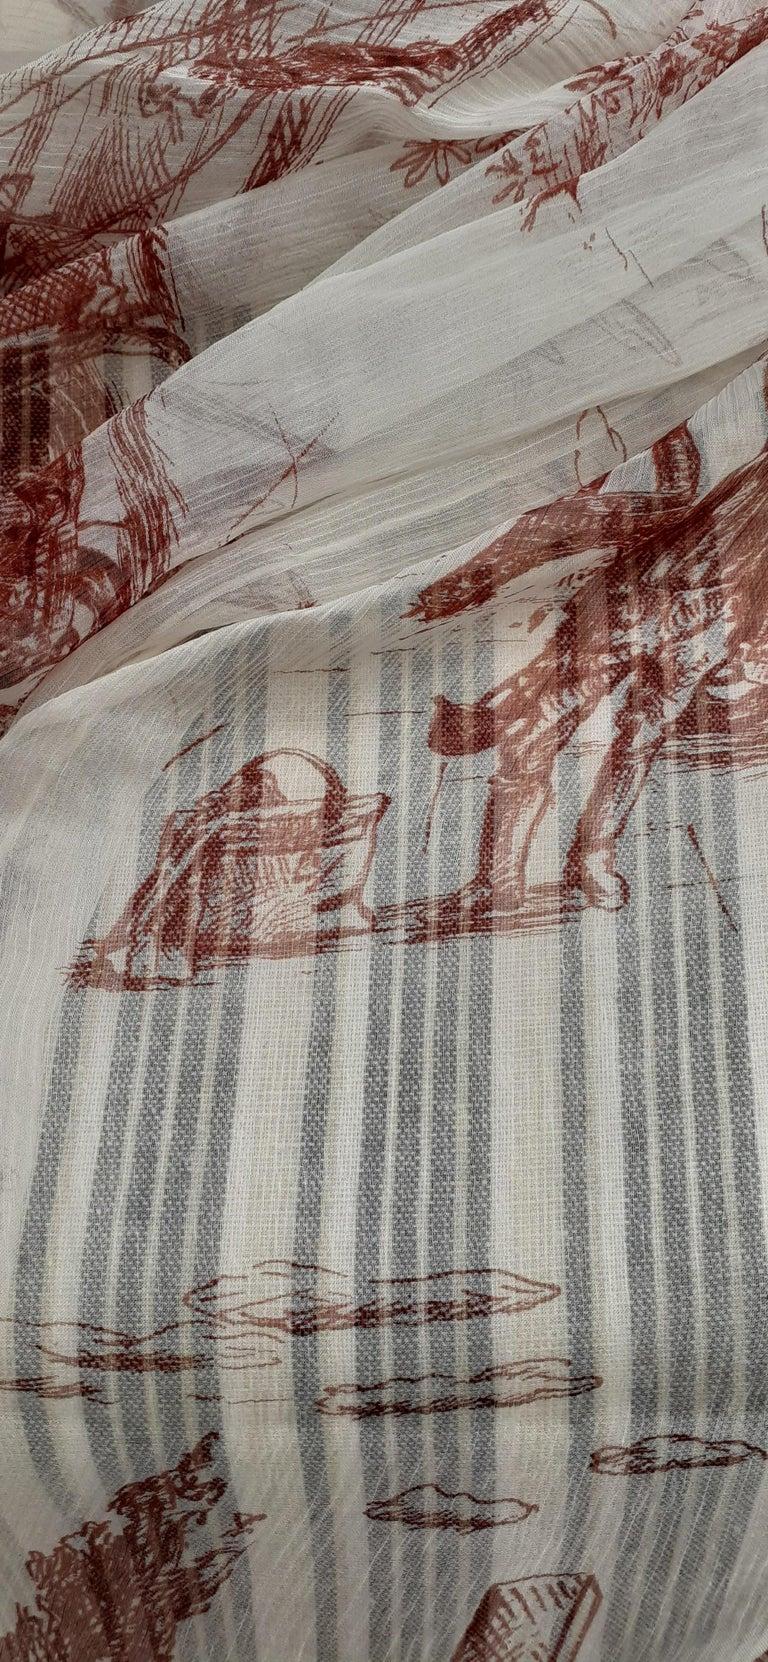 Hermès Chiffon Mousseline Silk Scarf Long Stole Toile de Jouy Pattern Rare For Sale 14